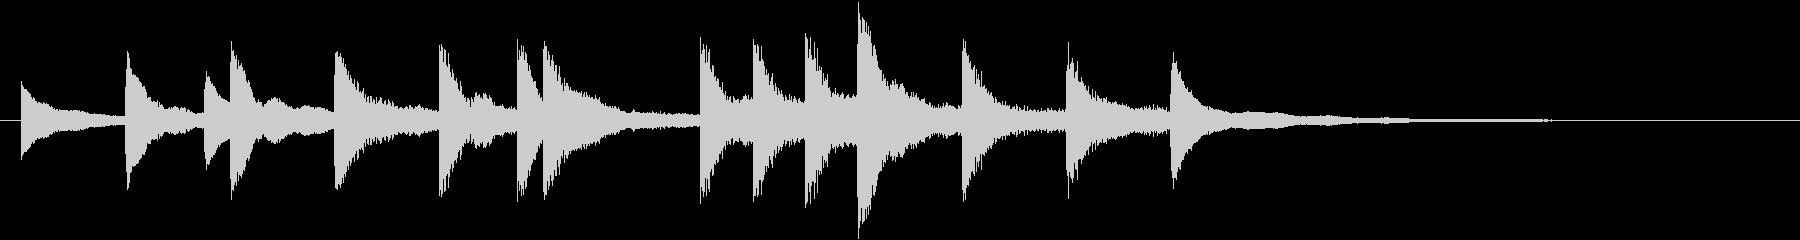 モミの木モチーフXmasピアノジングルCの未再生の波形